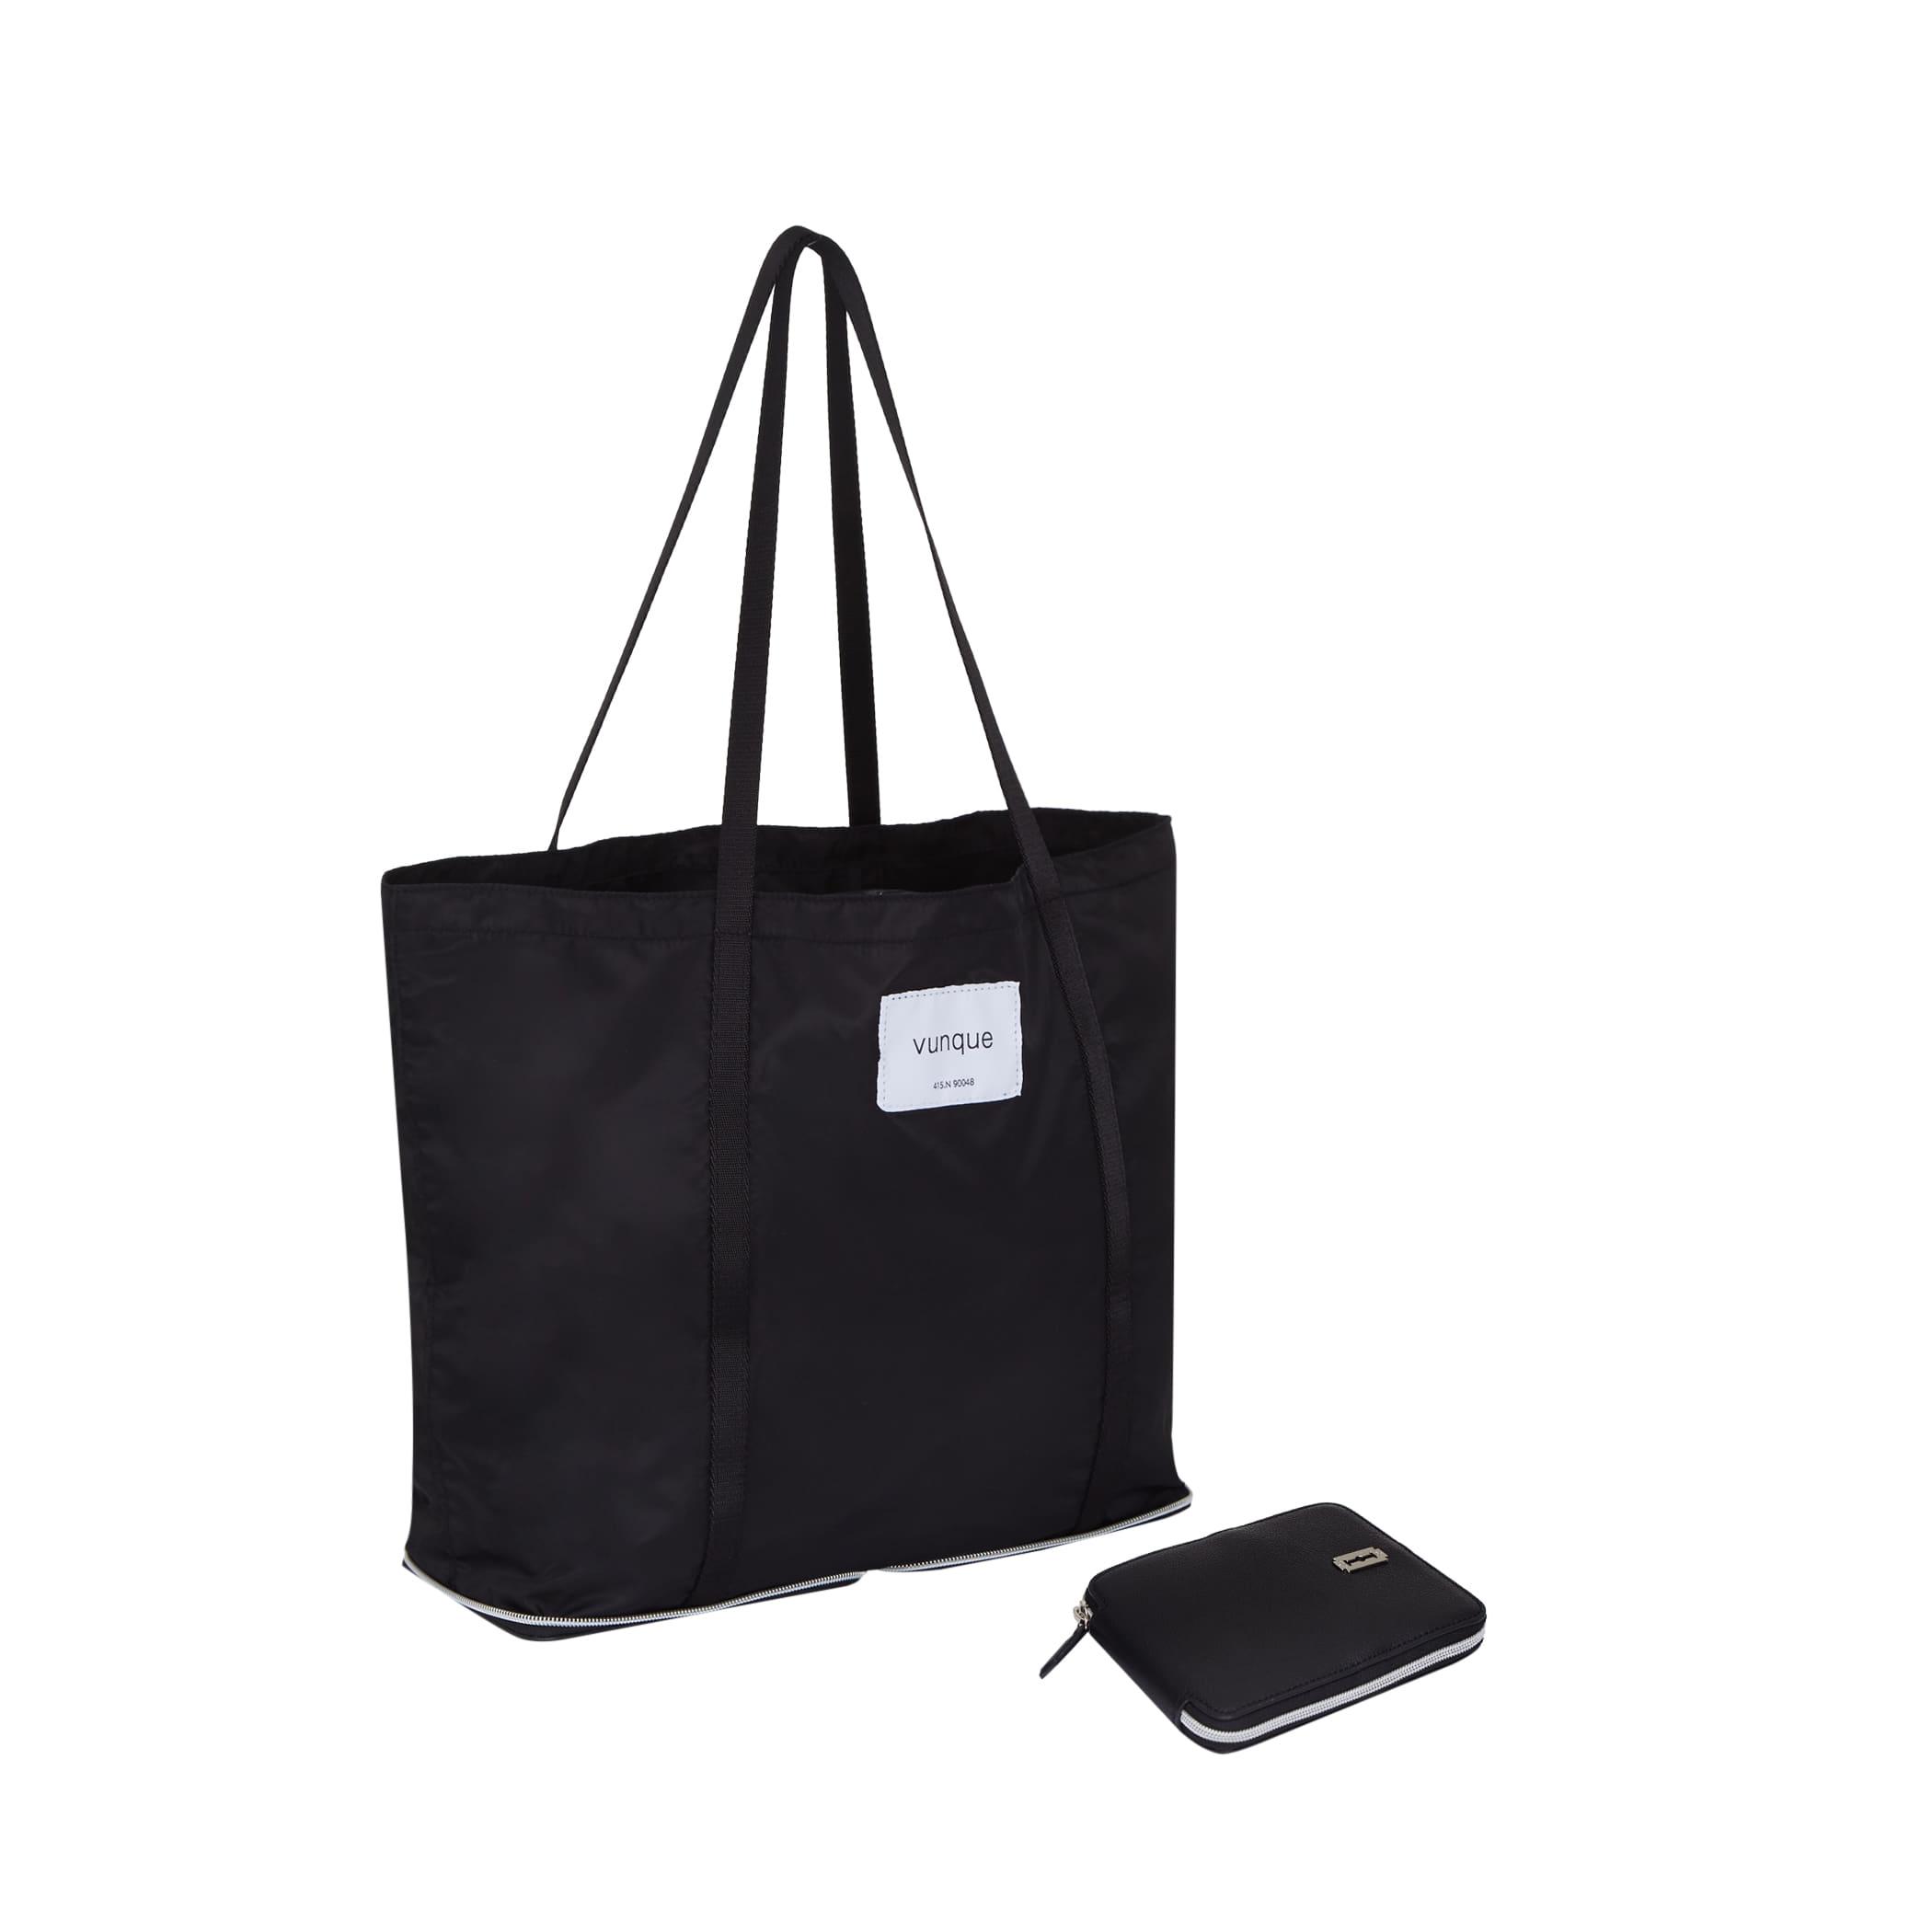 [아울렛] Hey Shopper Bag (헤이 쇼퍼백) Black